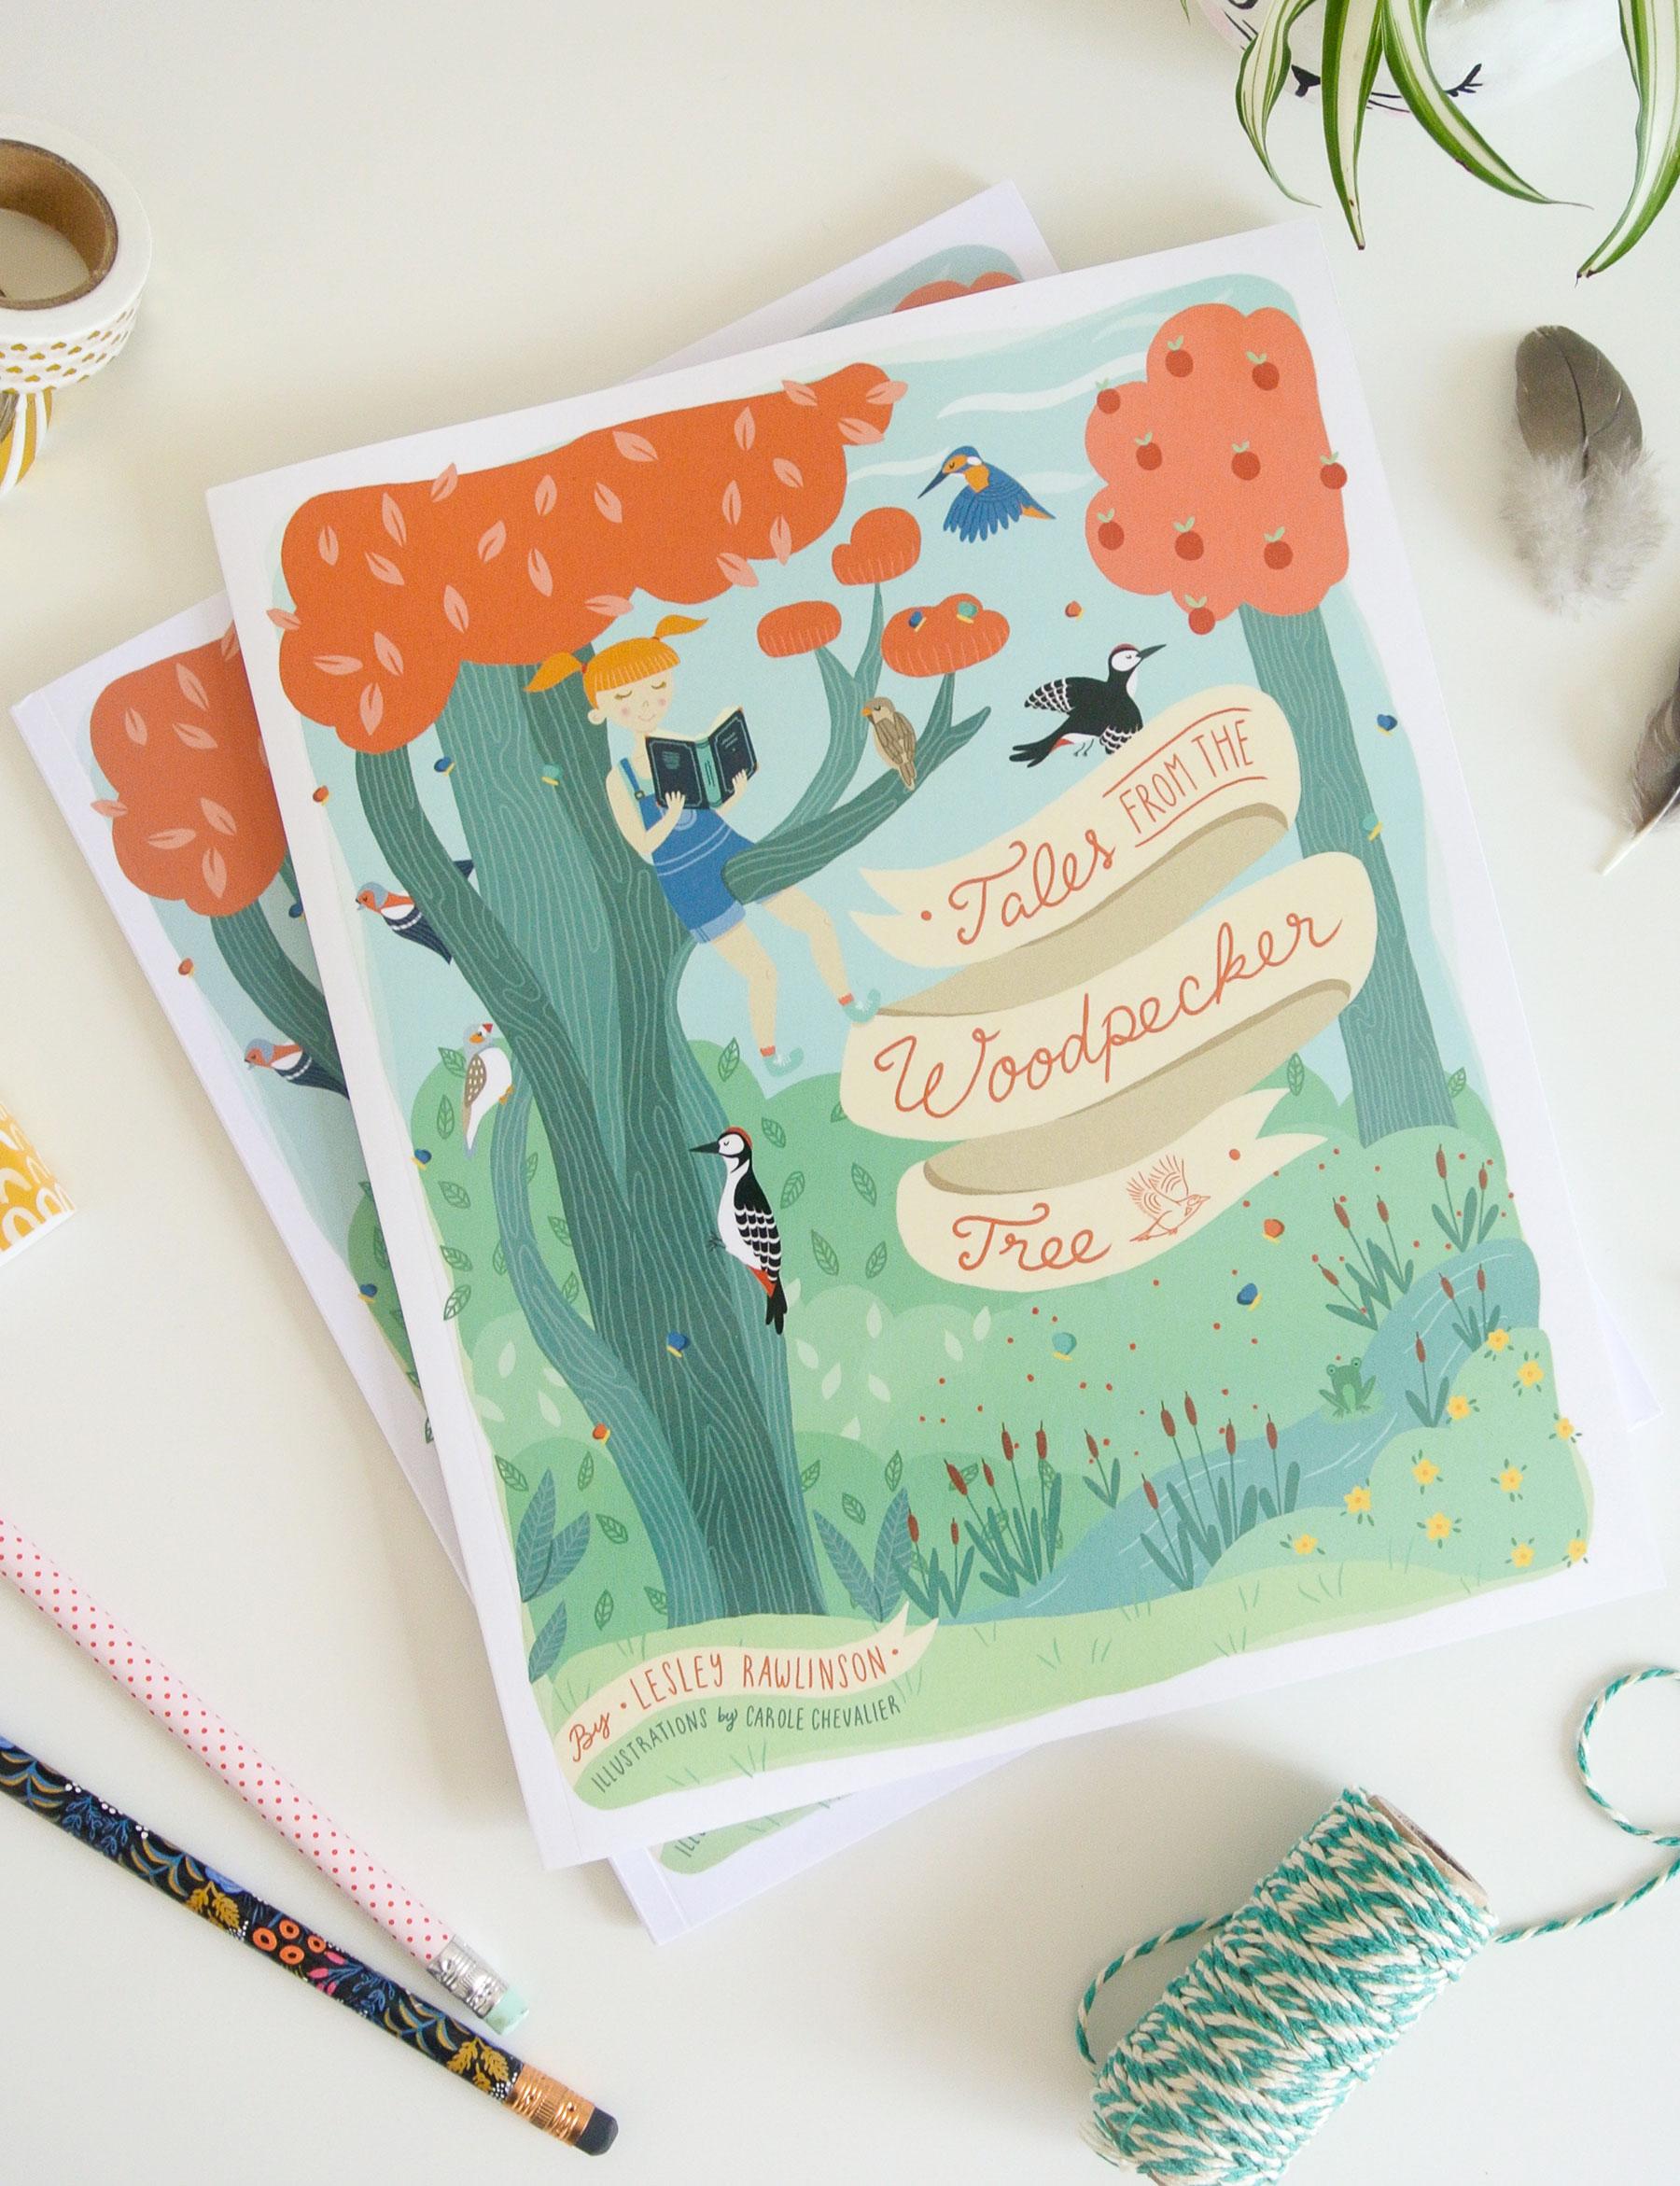 Carole_Chevalier-Woodpecker-Tales-Book_1.jpg